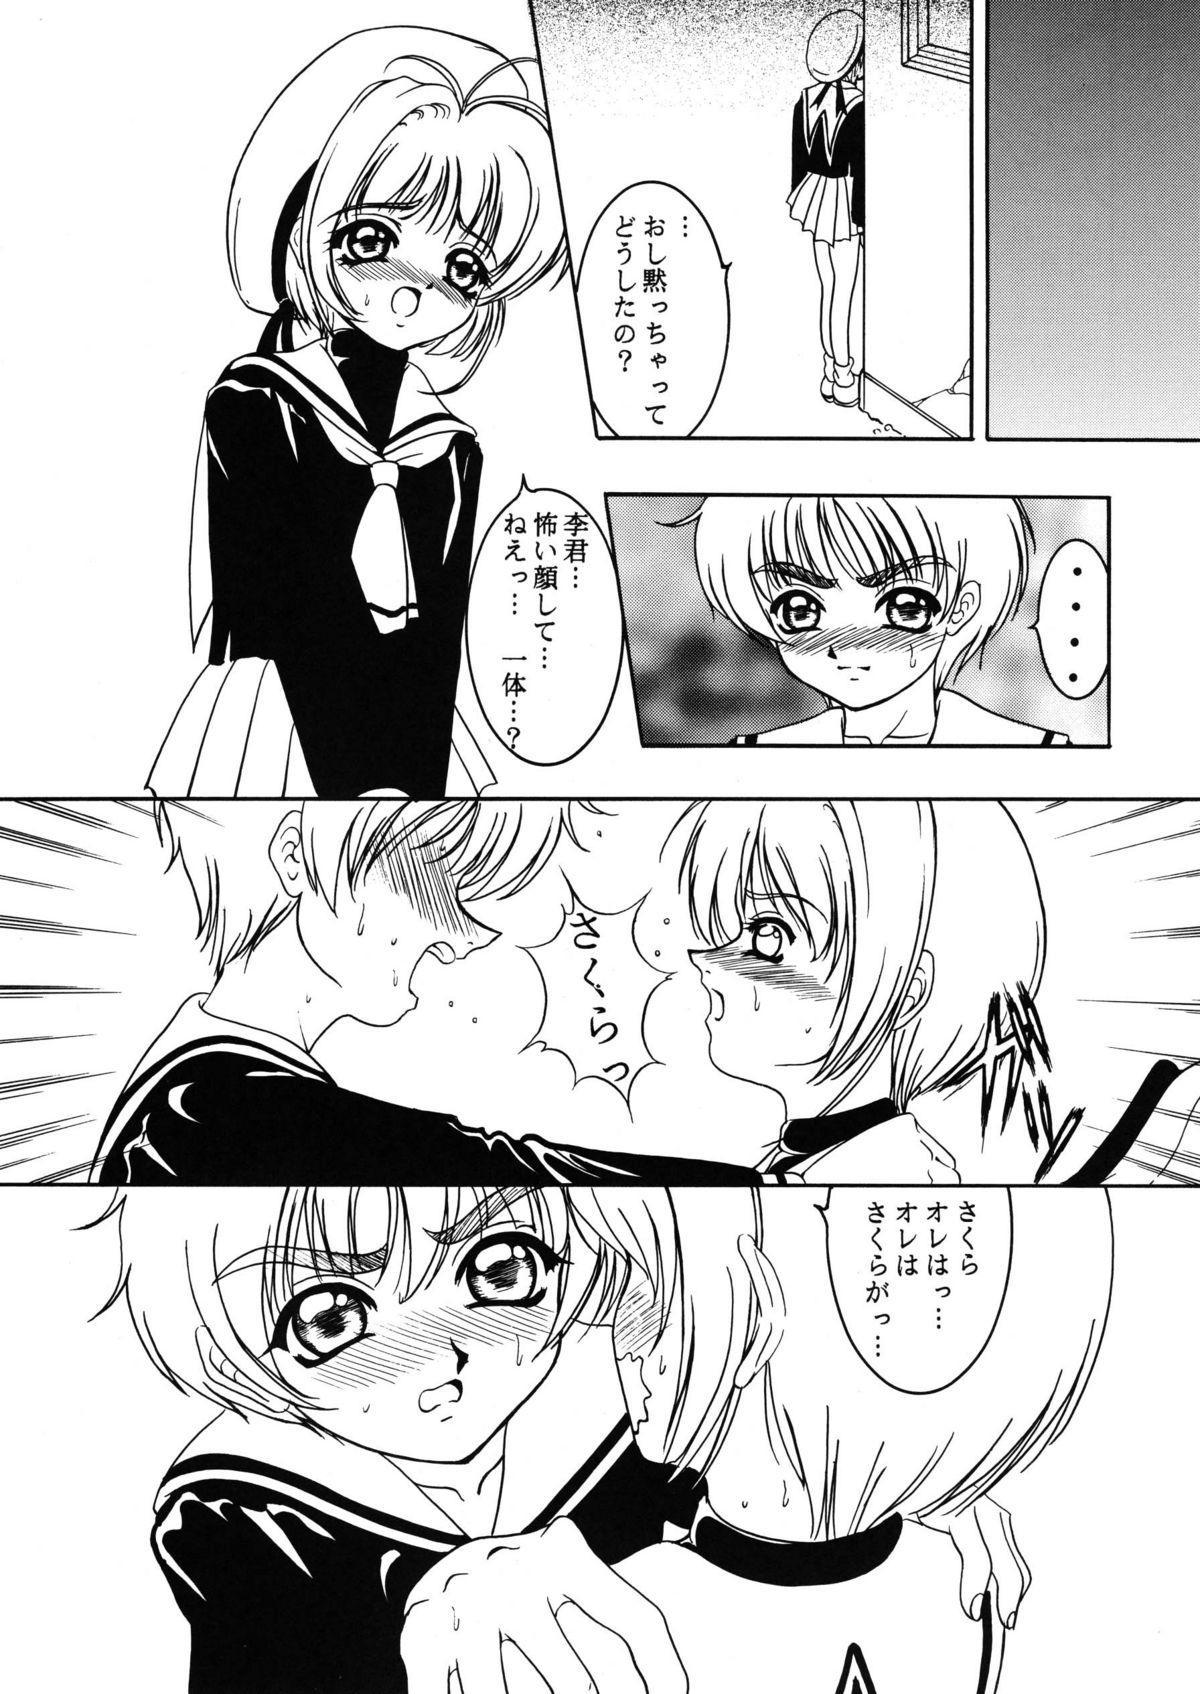 Hana ni Arashi no Tatoe mo Aruzo 17